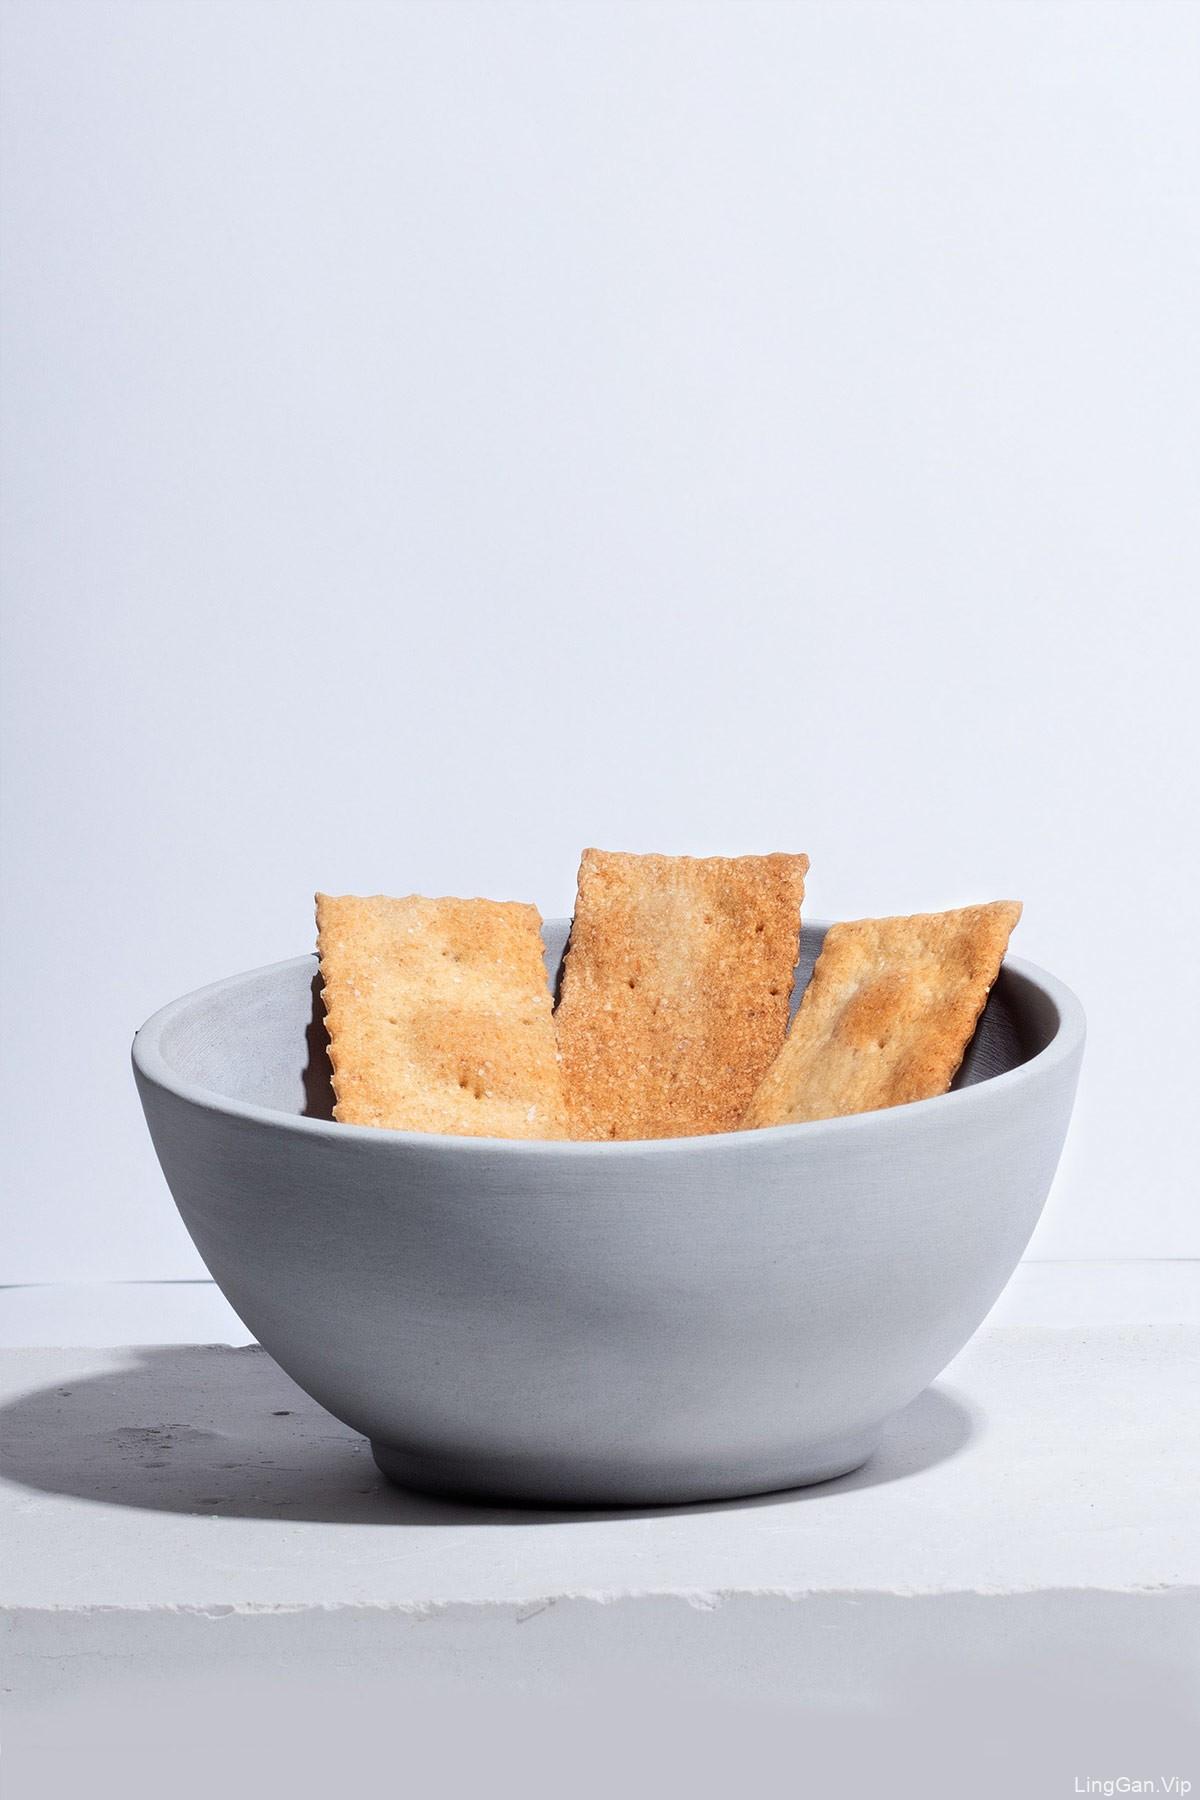 神话灵感!面包店品牌VI设计